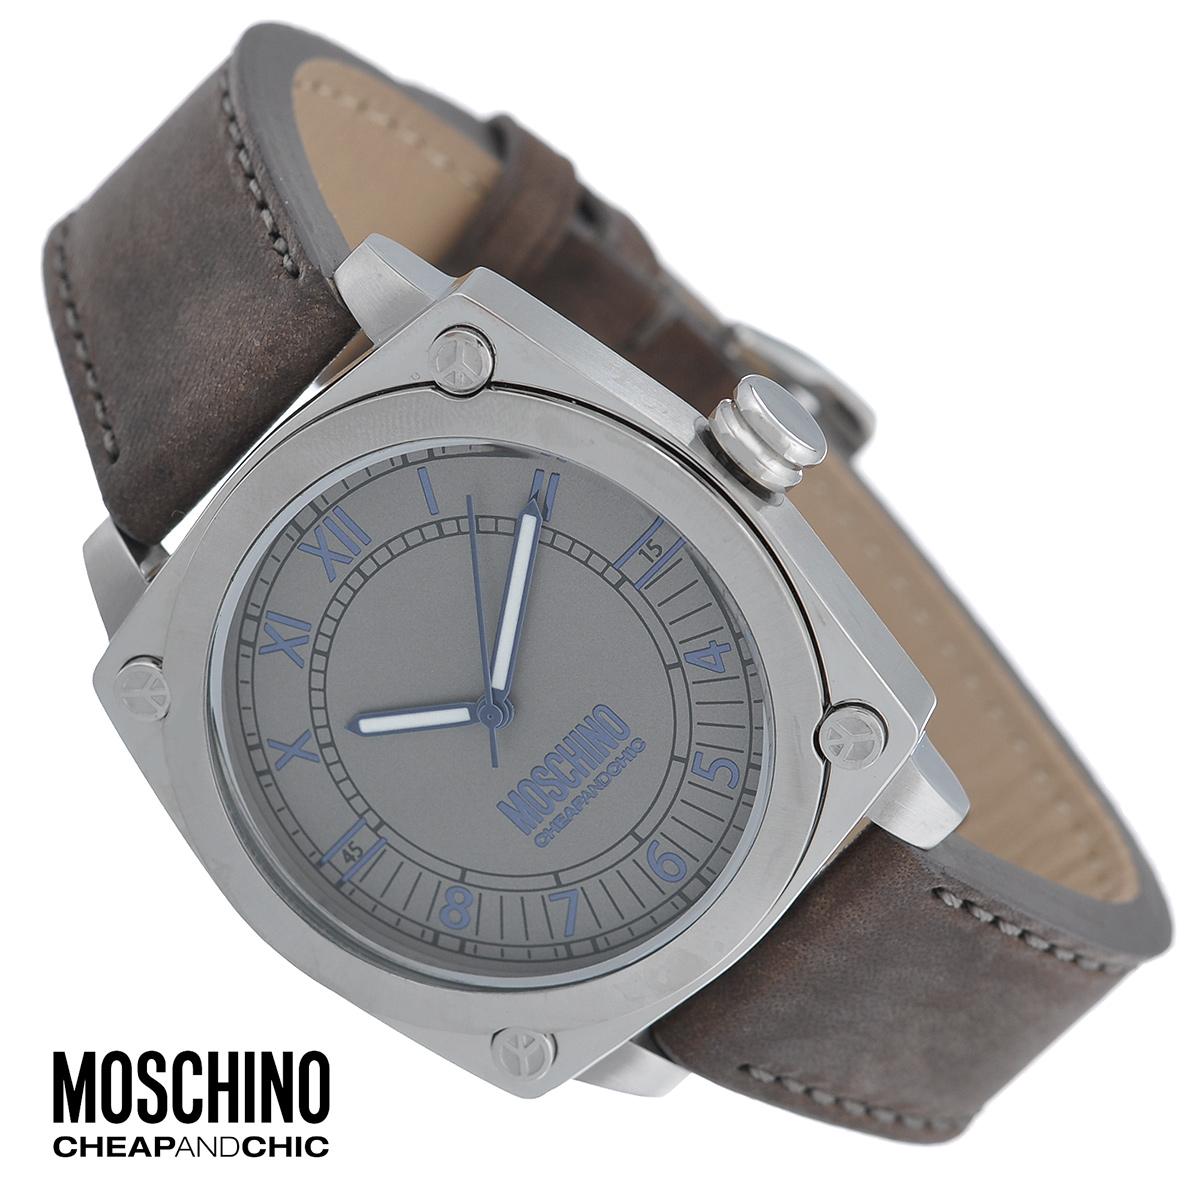 Часы мужские наручные Moschino, цвет: серебристый, коричневый. MW0295MW0295Наручные часы от известного итальянского бренда Moschino - это не только стильный и функциональный аксессуар, но и современные технологи, сочетающиеся с экстравагантным дизайном и индивидуальностью. Часы Moschino оснащены кварцевым механизмом. Корпус выполнен из высококачественной нержавеющей стали с сатиновой полировкой. Циферблат с римскими и арабскими цифрами защищен минеральным стеклом. Часы имеют три стрелки - часовую, минутную и секундную. Ремешок часов выполнен из толстой натуральной кожи и оснащен классической застежкой. Часы упакованы в фирменную металлическую коробку с логотипом бренда. Часы Moschino благодаря своему уникальному дизайну отличаются от часов других марок своеобразными циферблатами, функциональностью, а также набором уникальных технических свойств. Каждой модели присуща легкая экстравагантность, самобытность и, безусловно, великолепный вкус. Характеристики: Диаметр циферблата: 3,5 см. Размер...